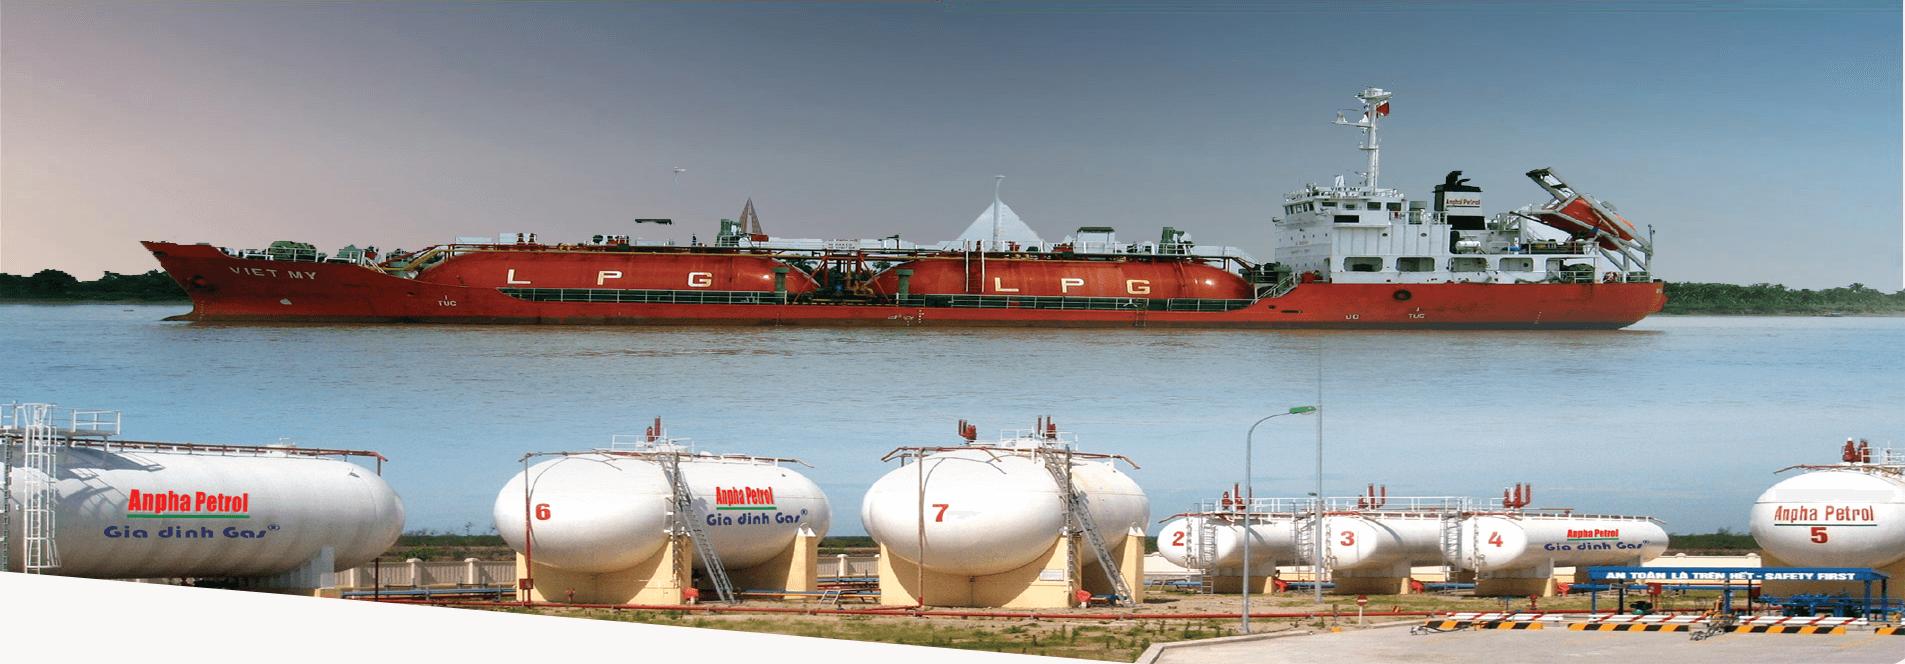 Cung cấp khí gas LPG